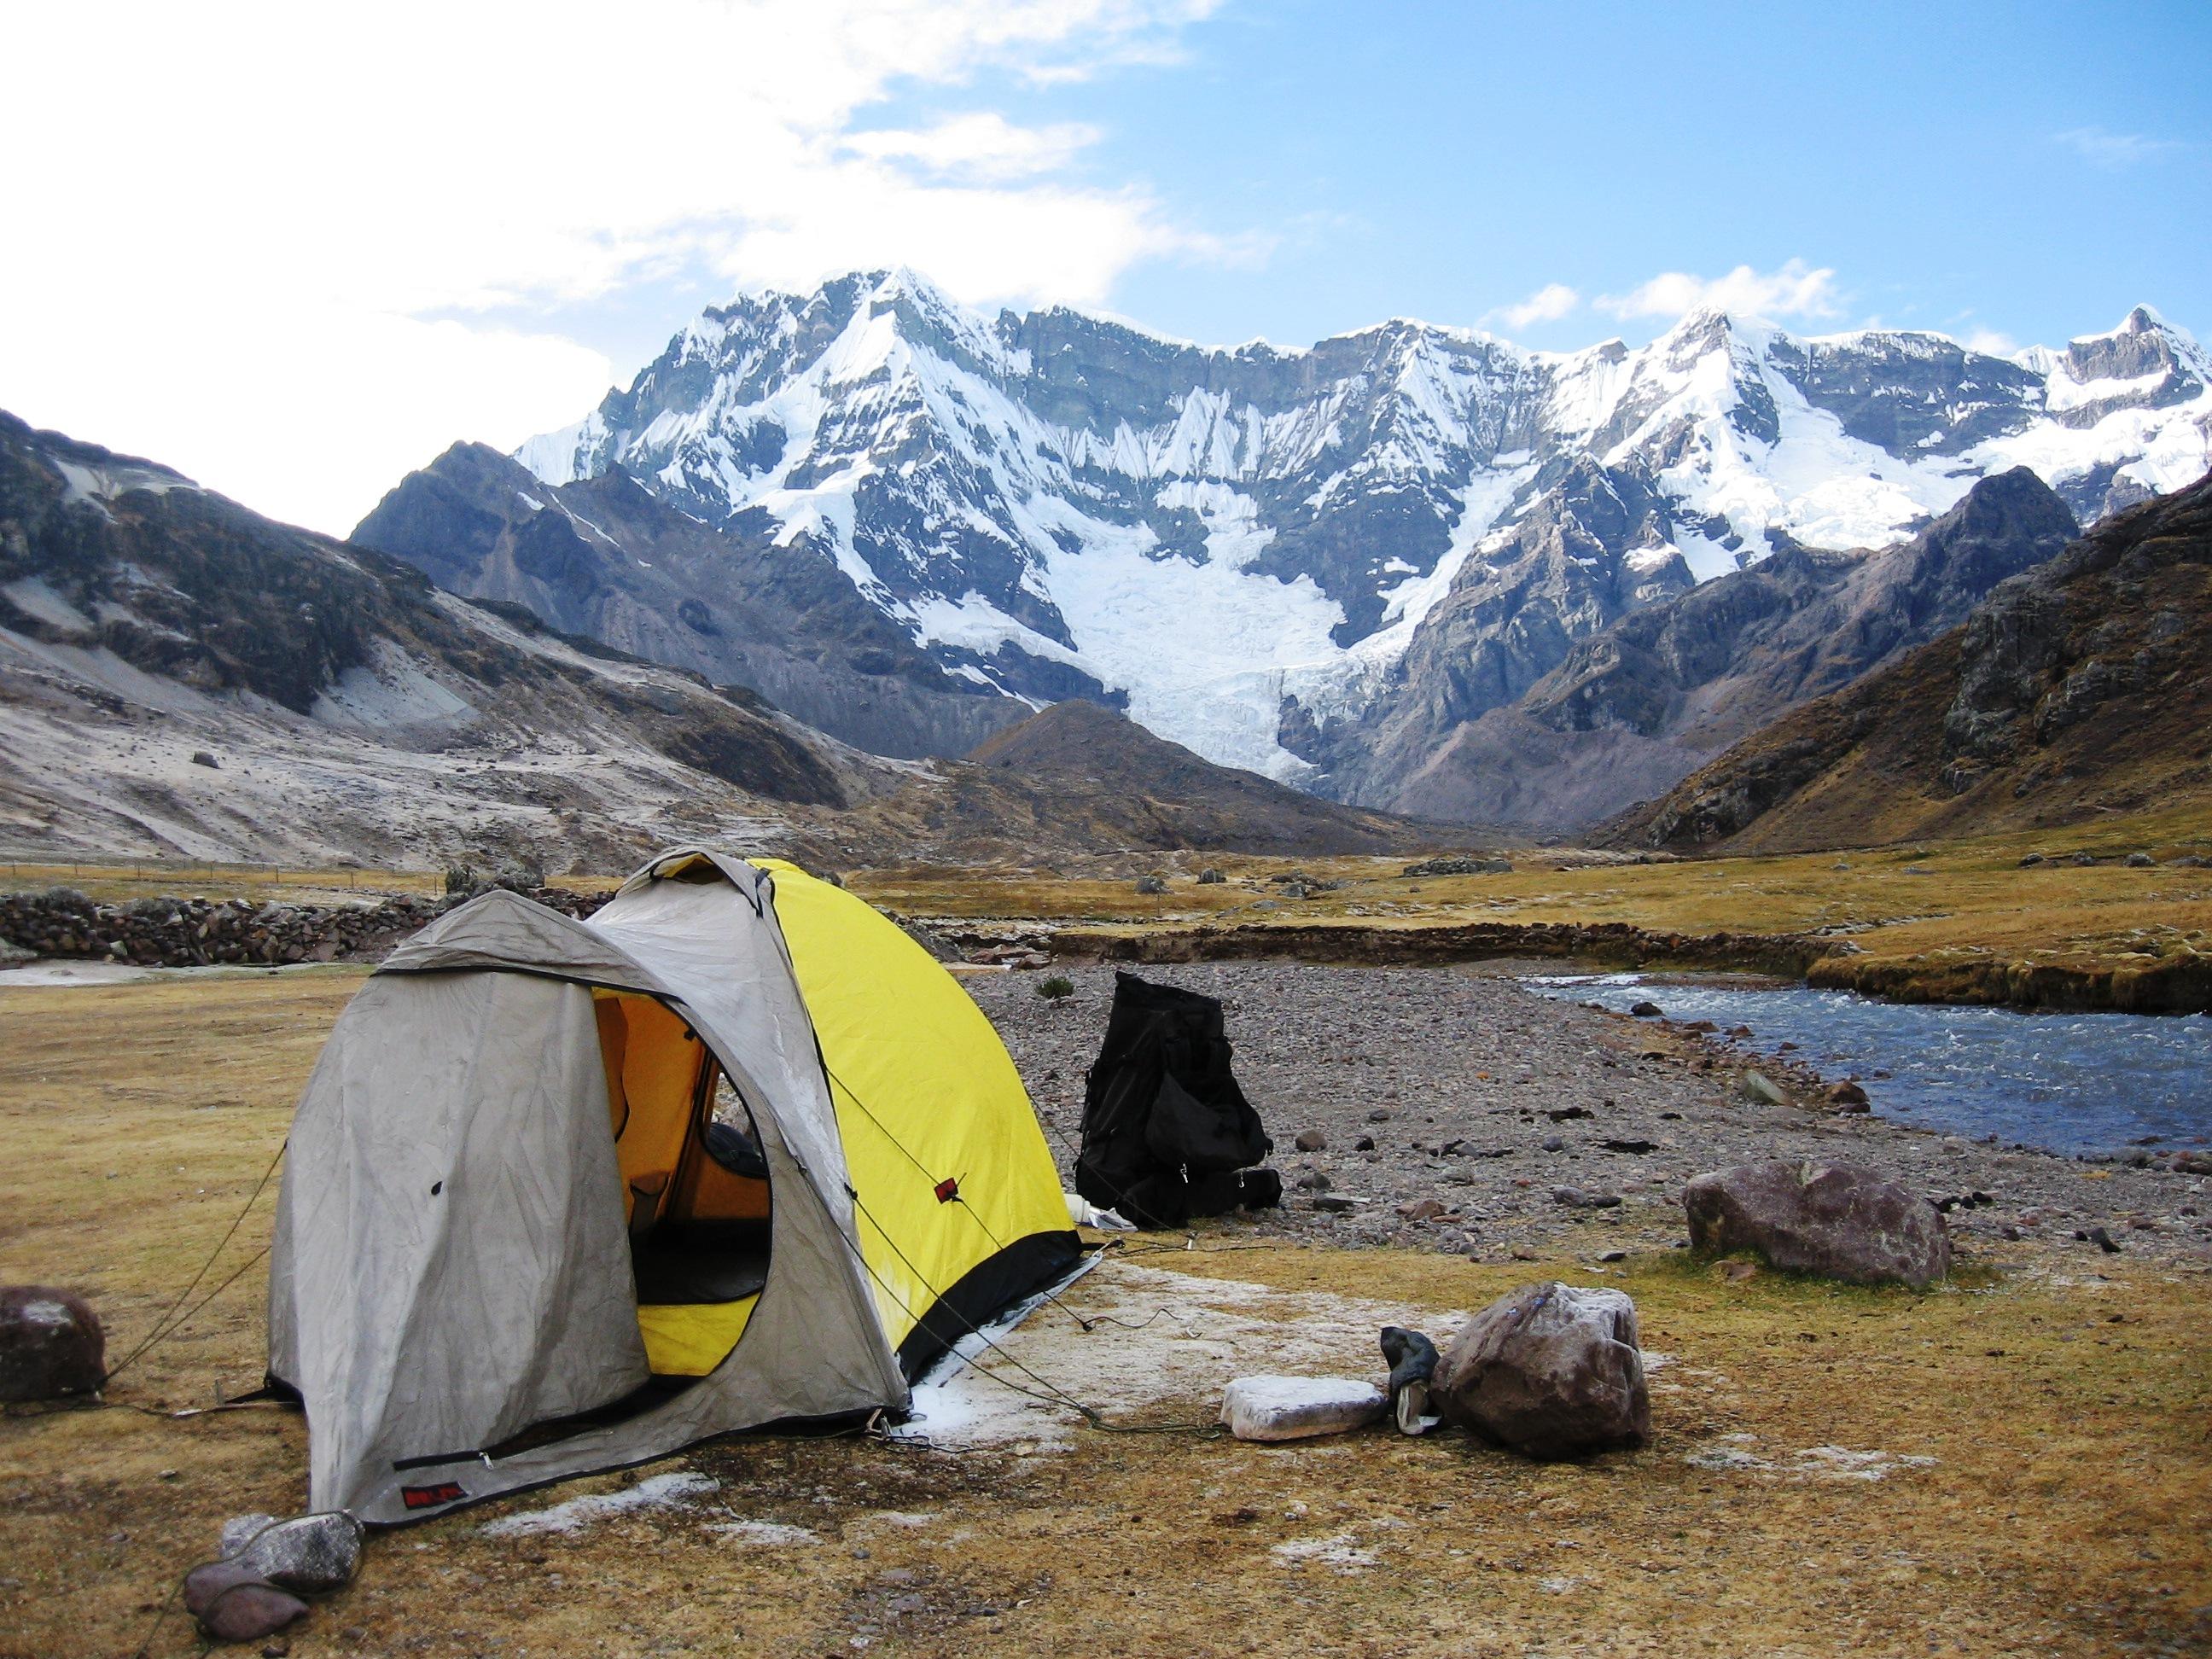 Mt. Ausangate